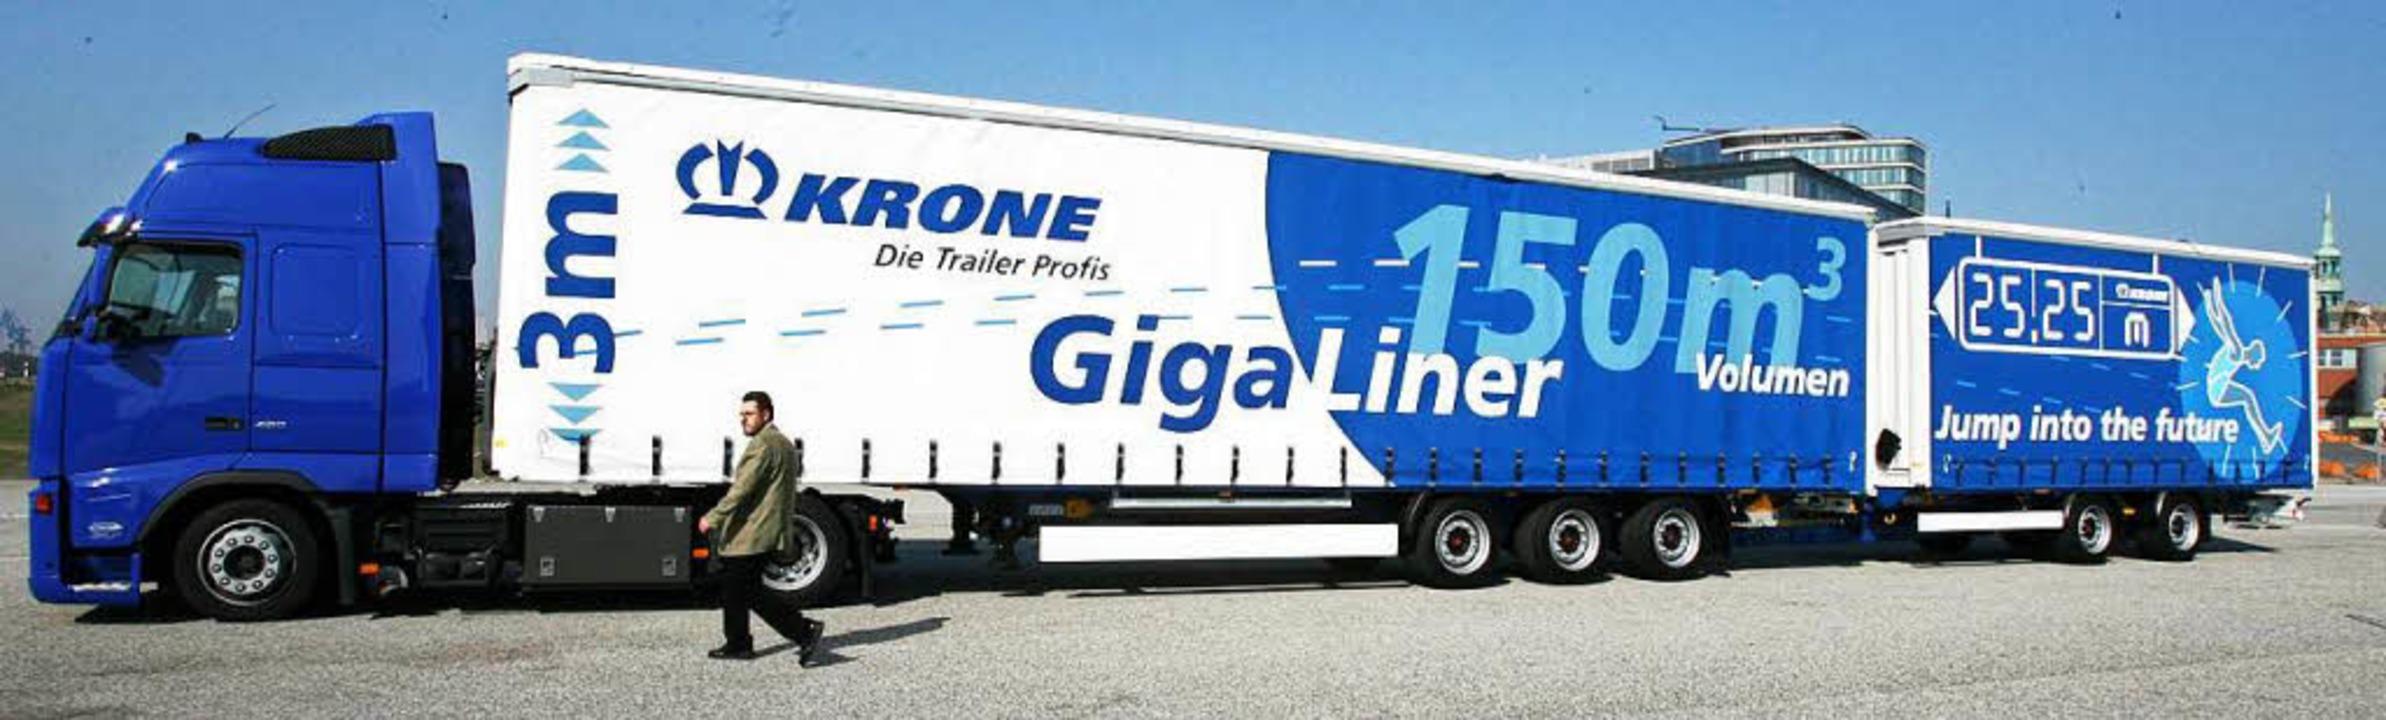 Solche Riesenlastwagen sollen bald zum Alltag gehören.    Foto: dpa